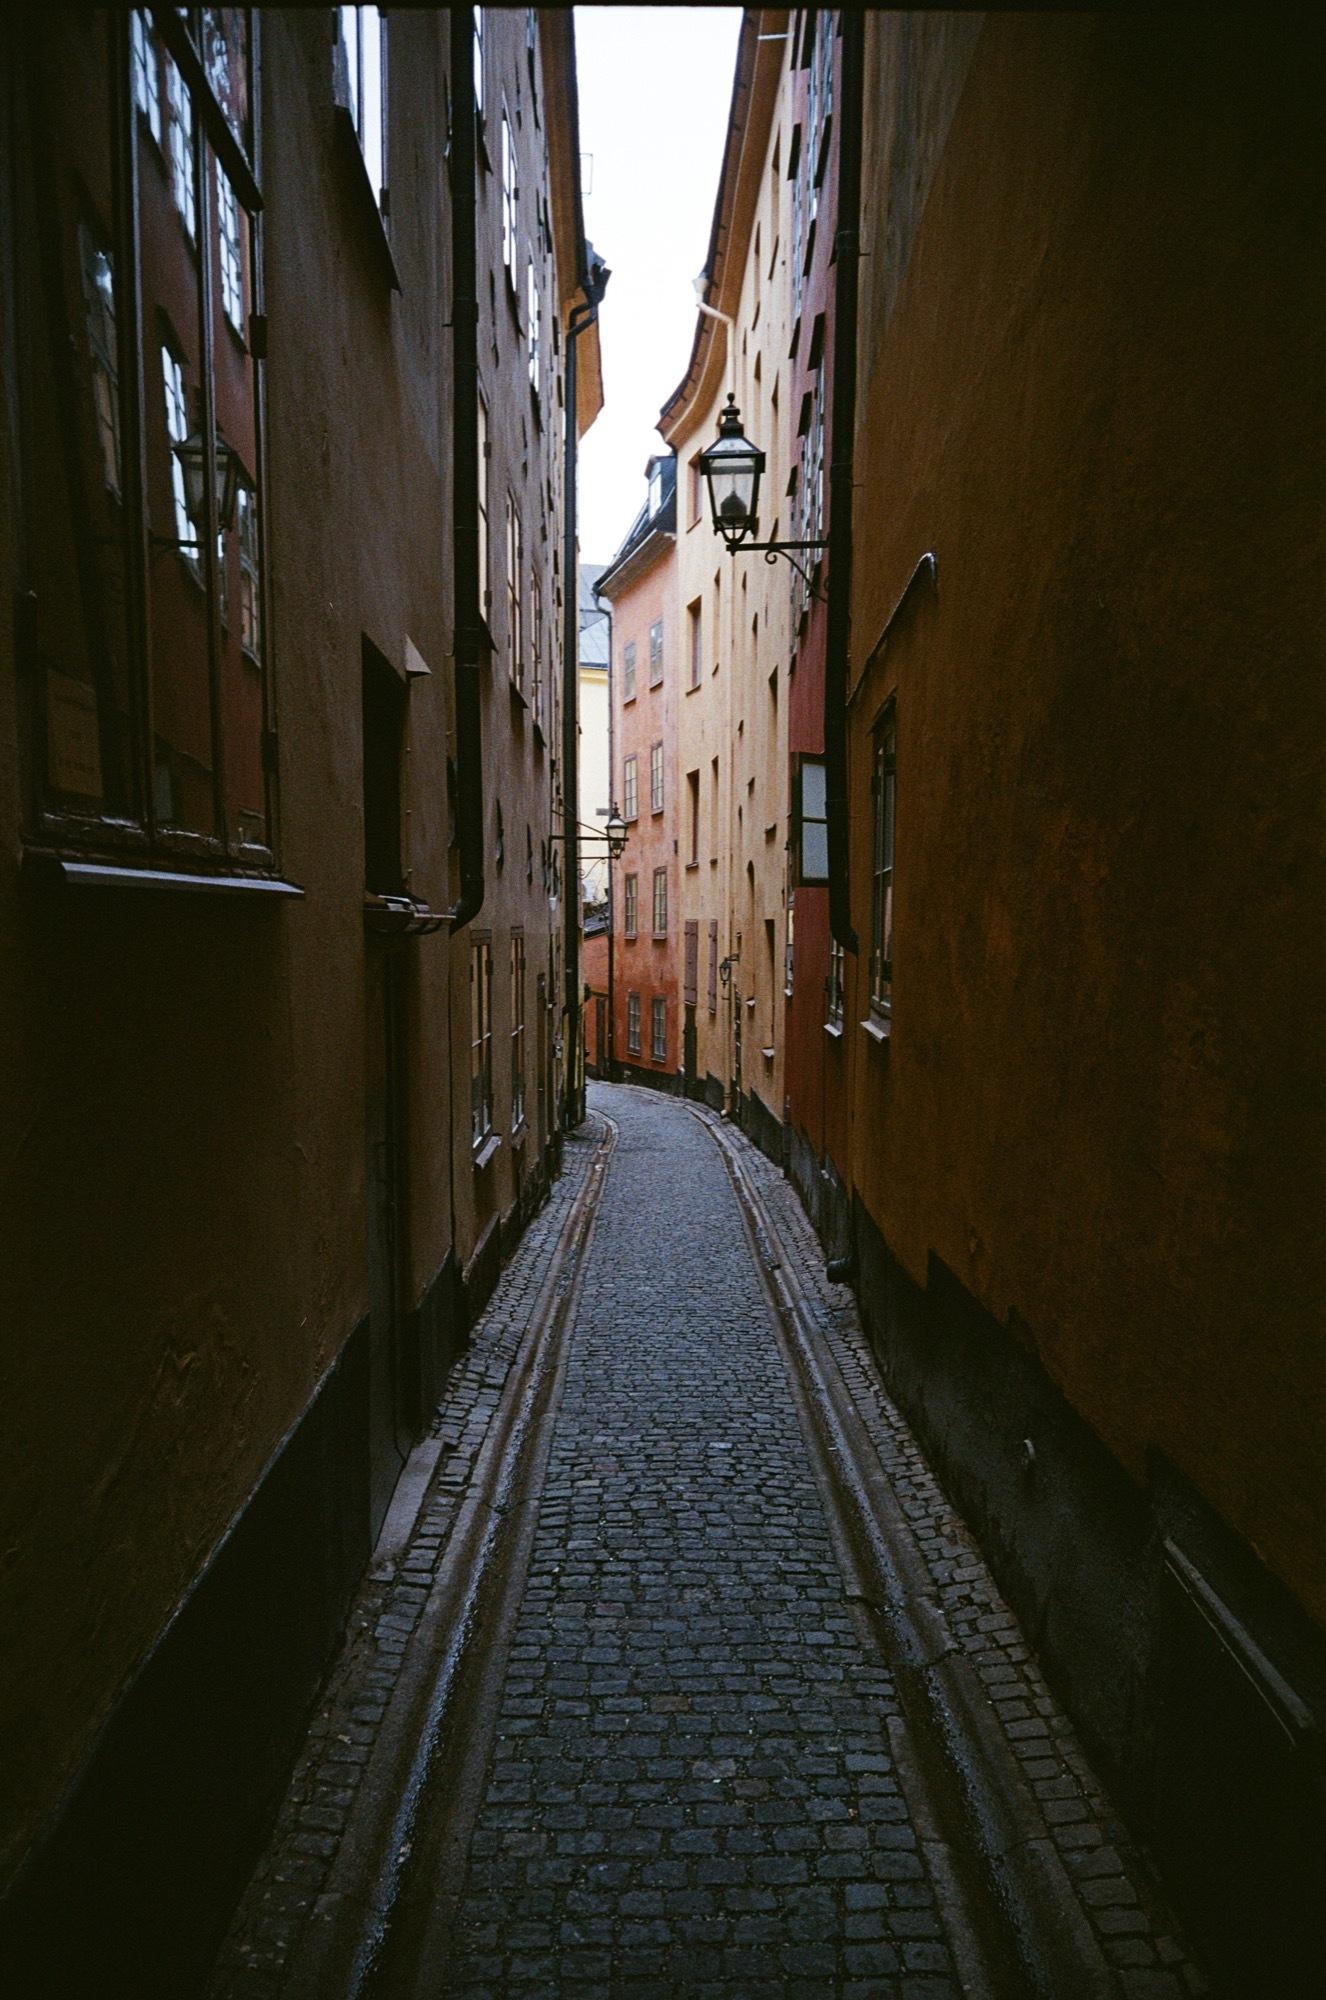 cameraville_leica_mda_stockholm_avenon_28mm_kodak_gold_400_19.jpg